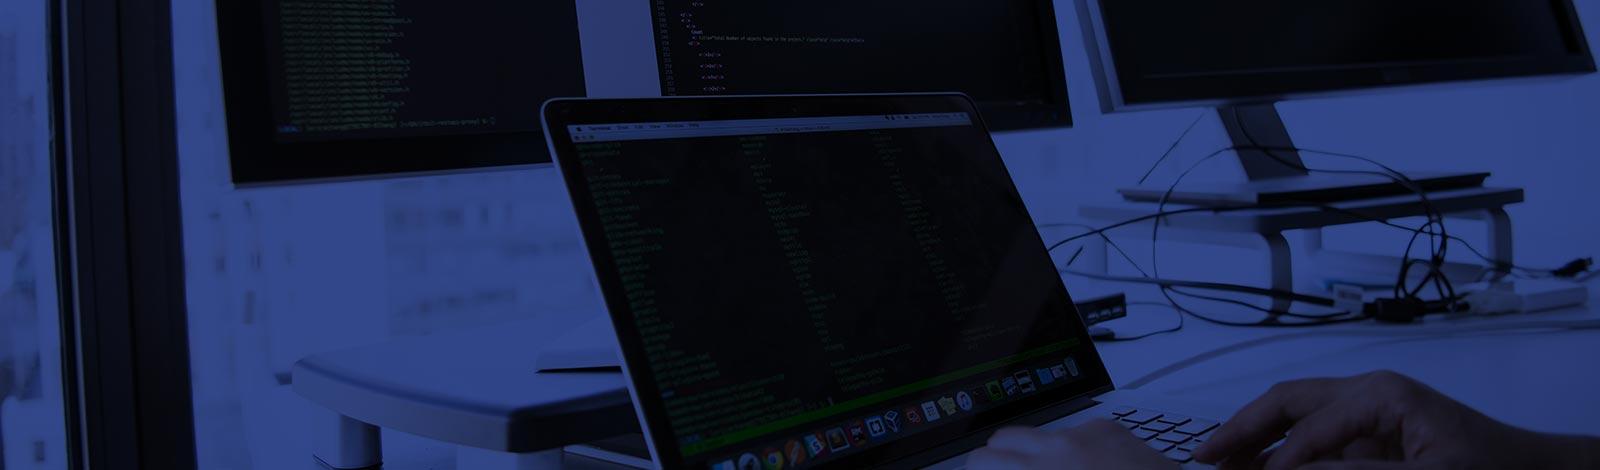 cg services informatique lion d'angers